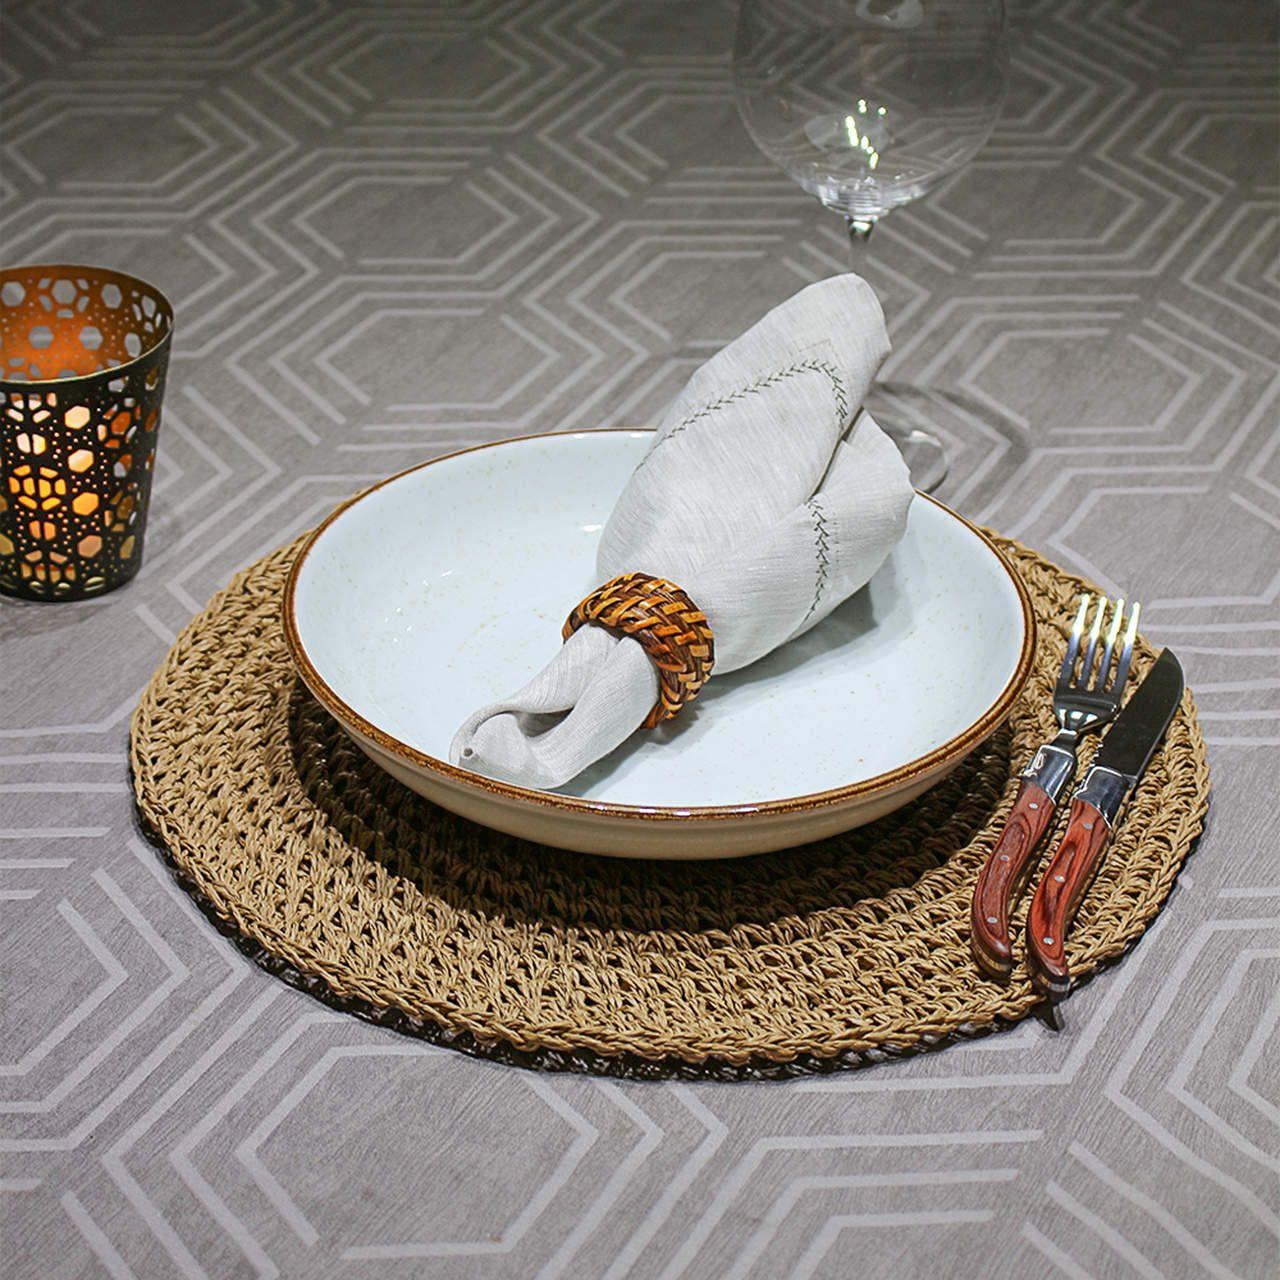 Jogo com 4 Pratos para Pasta em Cerâmica 26cm - Artisan